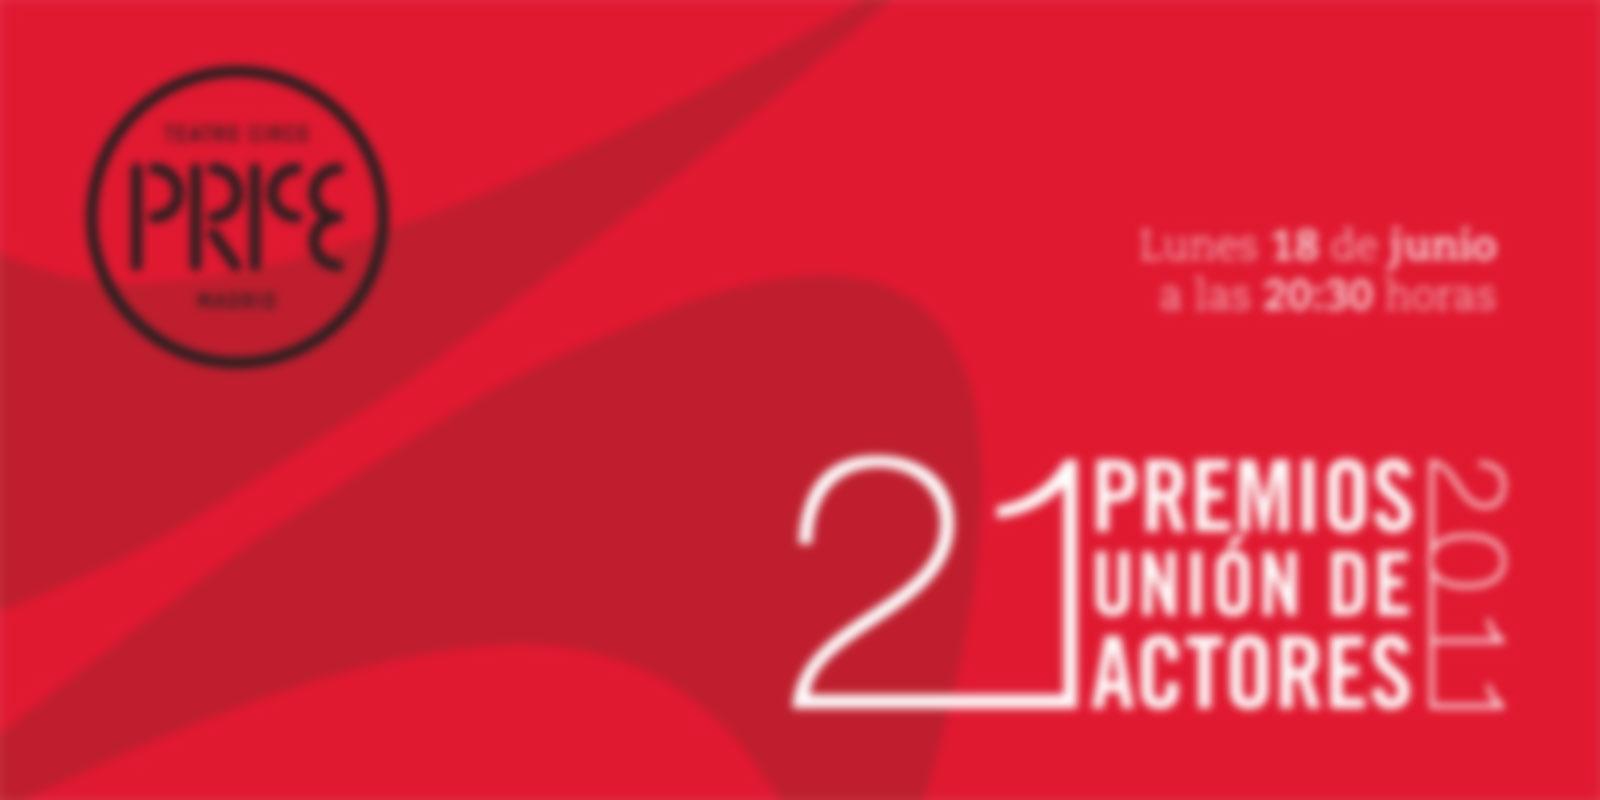 21 Premios Unión de Actores y Actrices